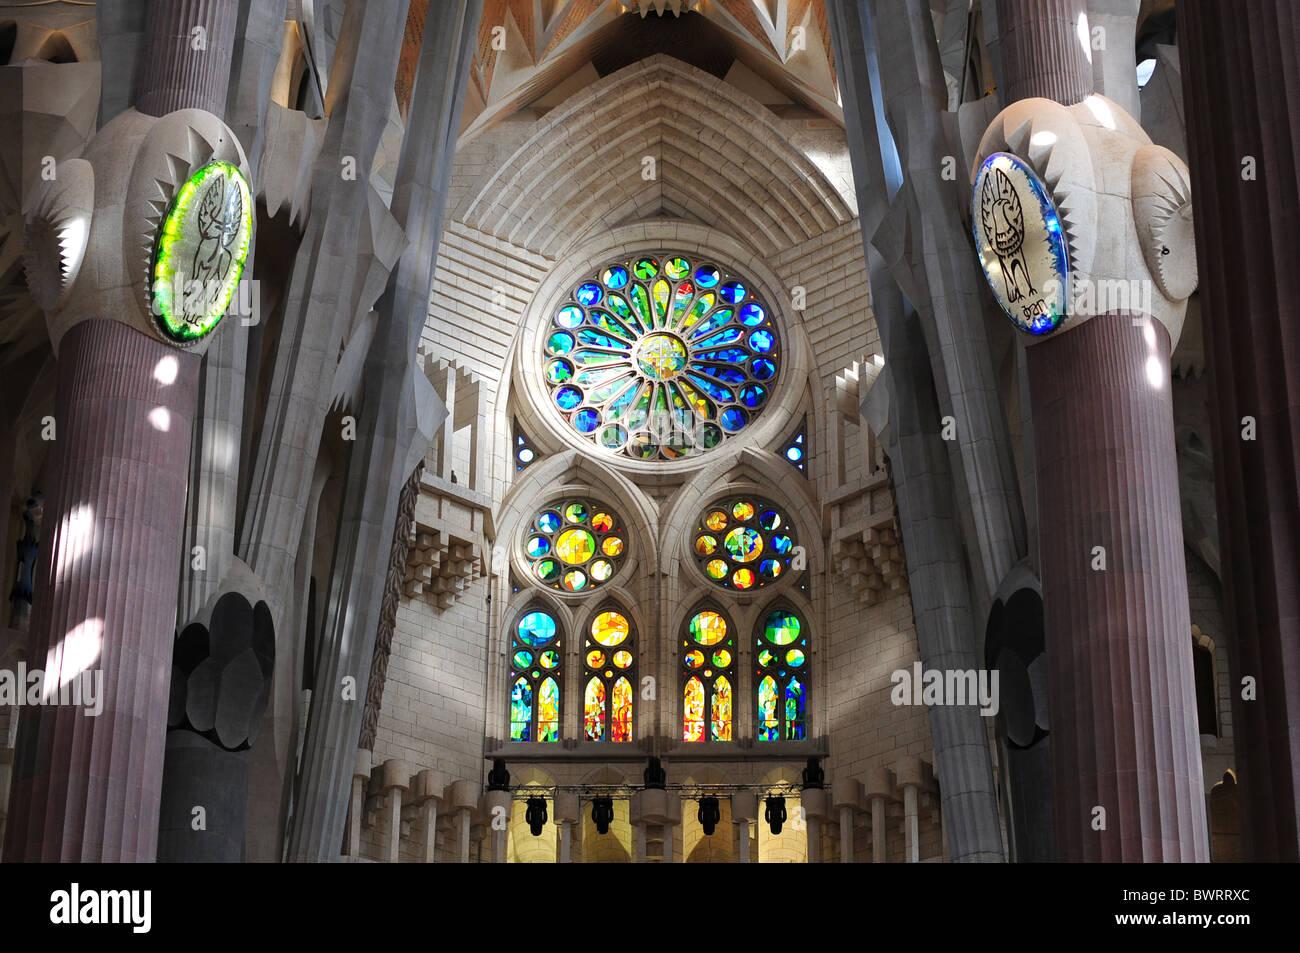 La Sagrada Familia Antoni Gaudí Barcelona España Cataluña Imagen De Stock